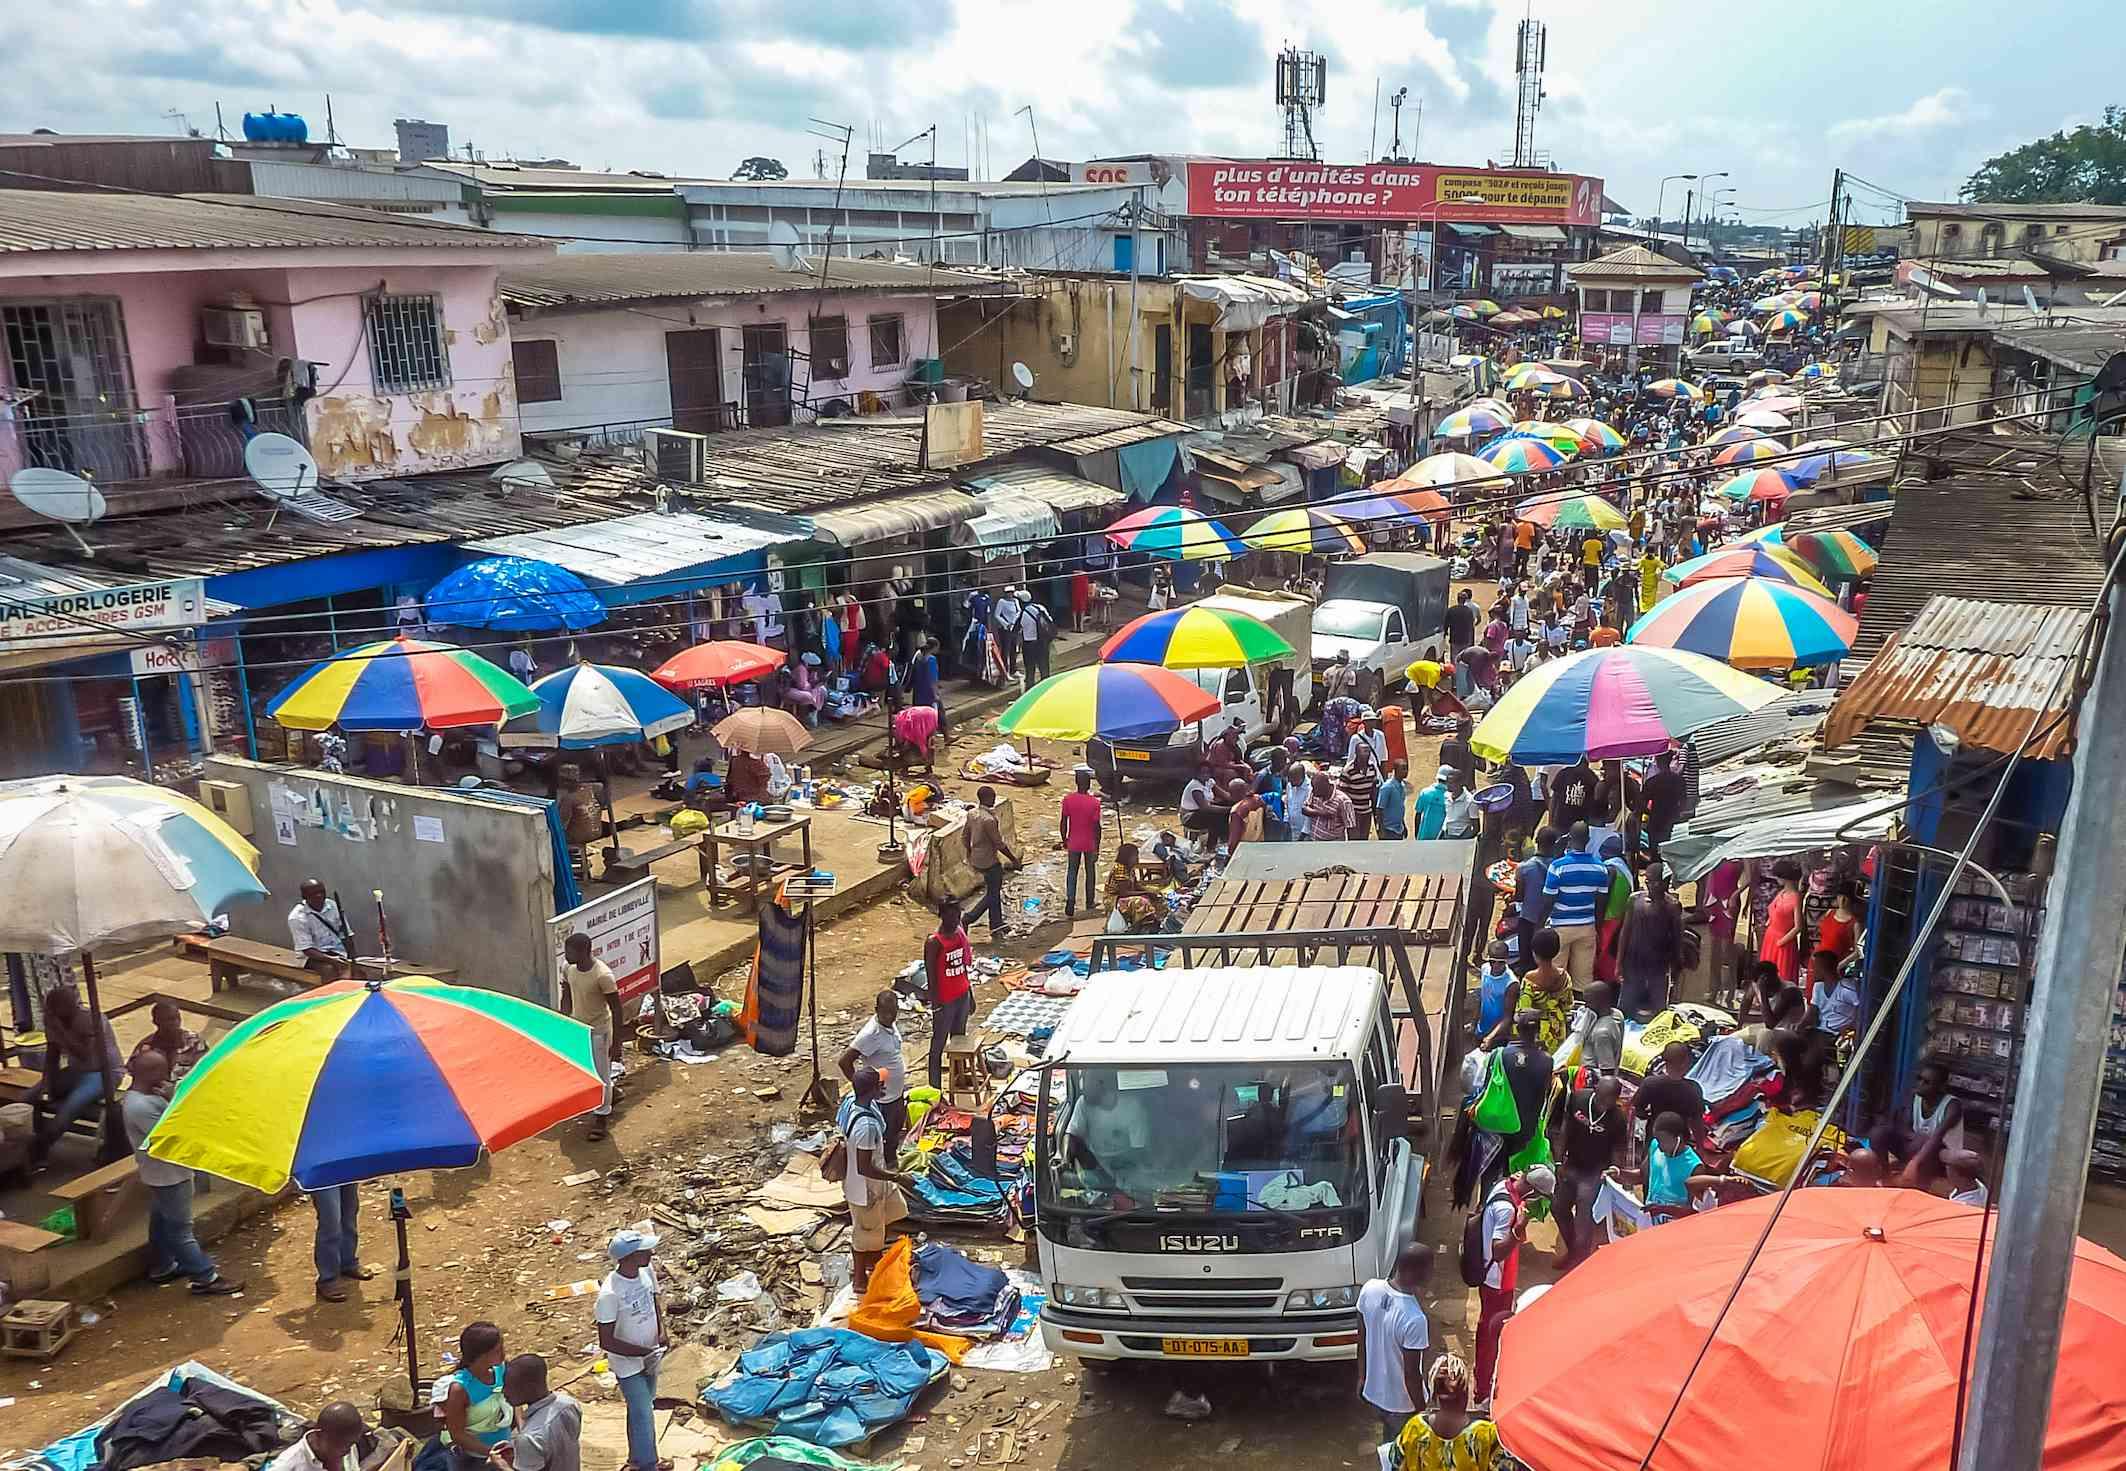 Crowded street scene in Nairobi, Kenya